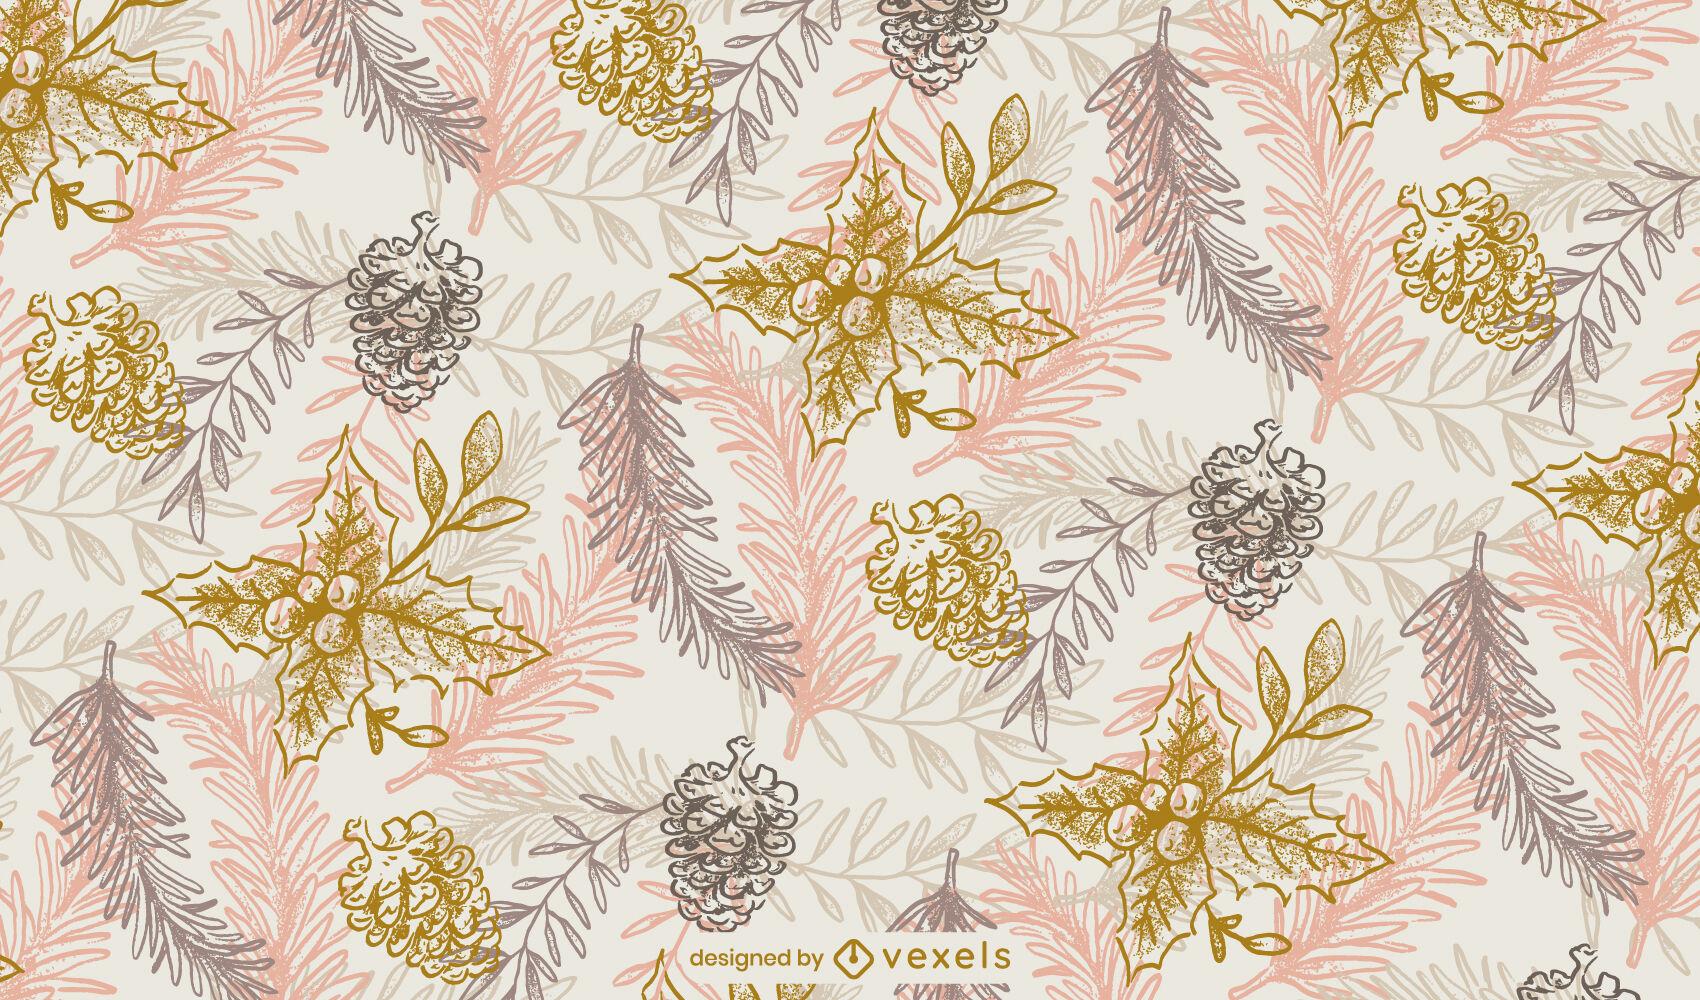 Mistel Winter Blätter Musterdesign